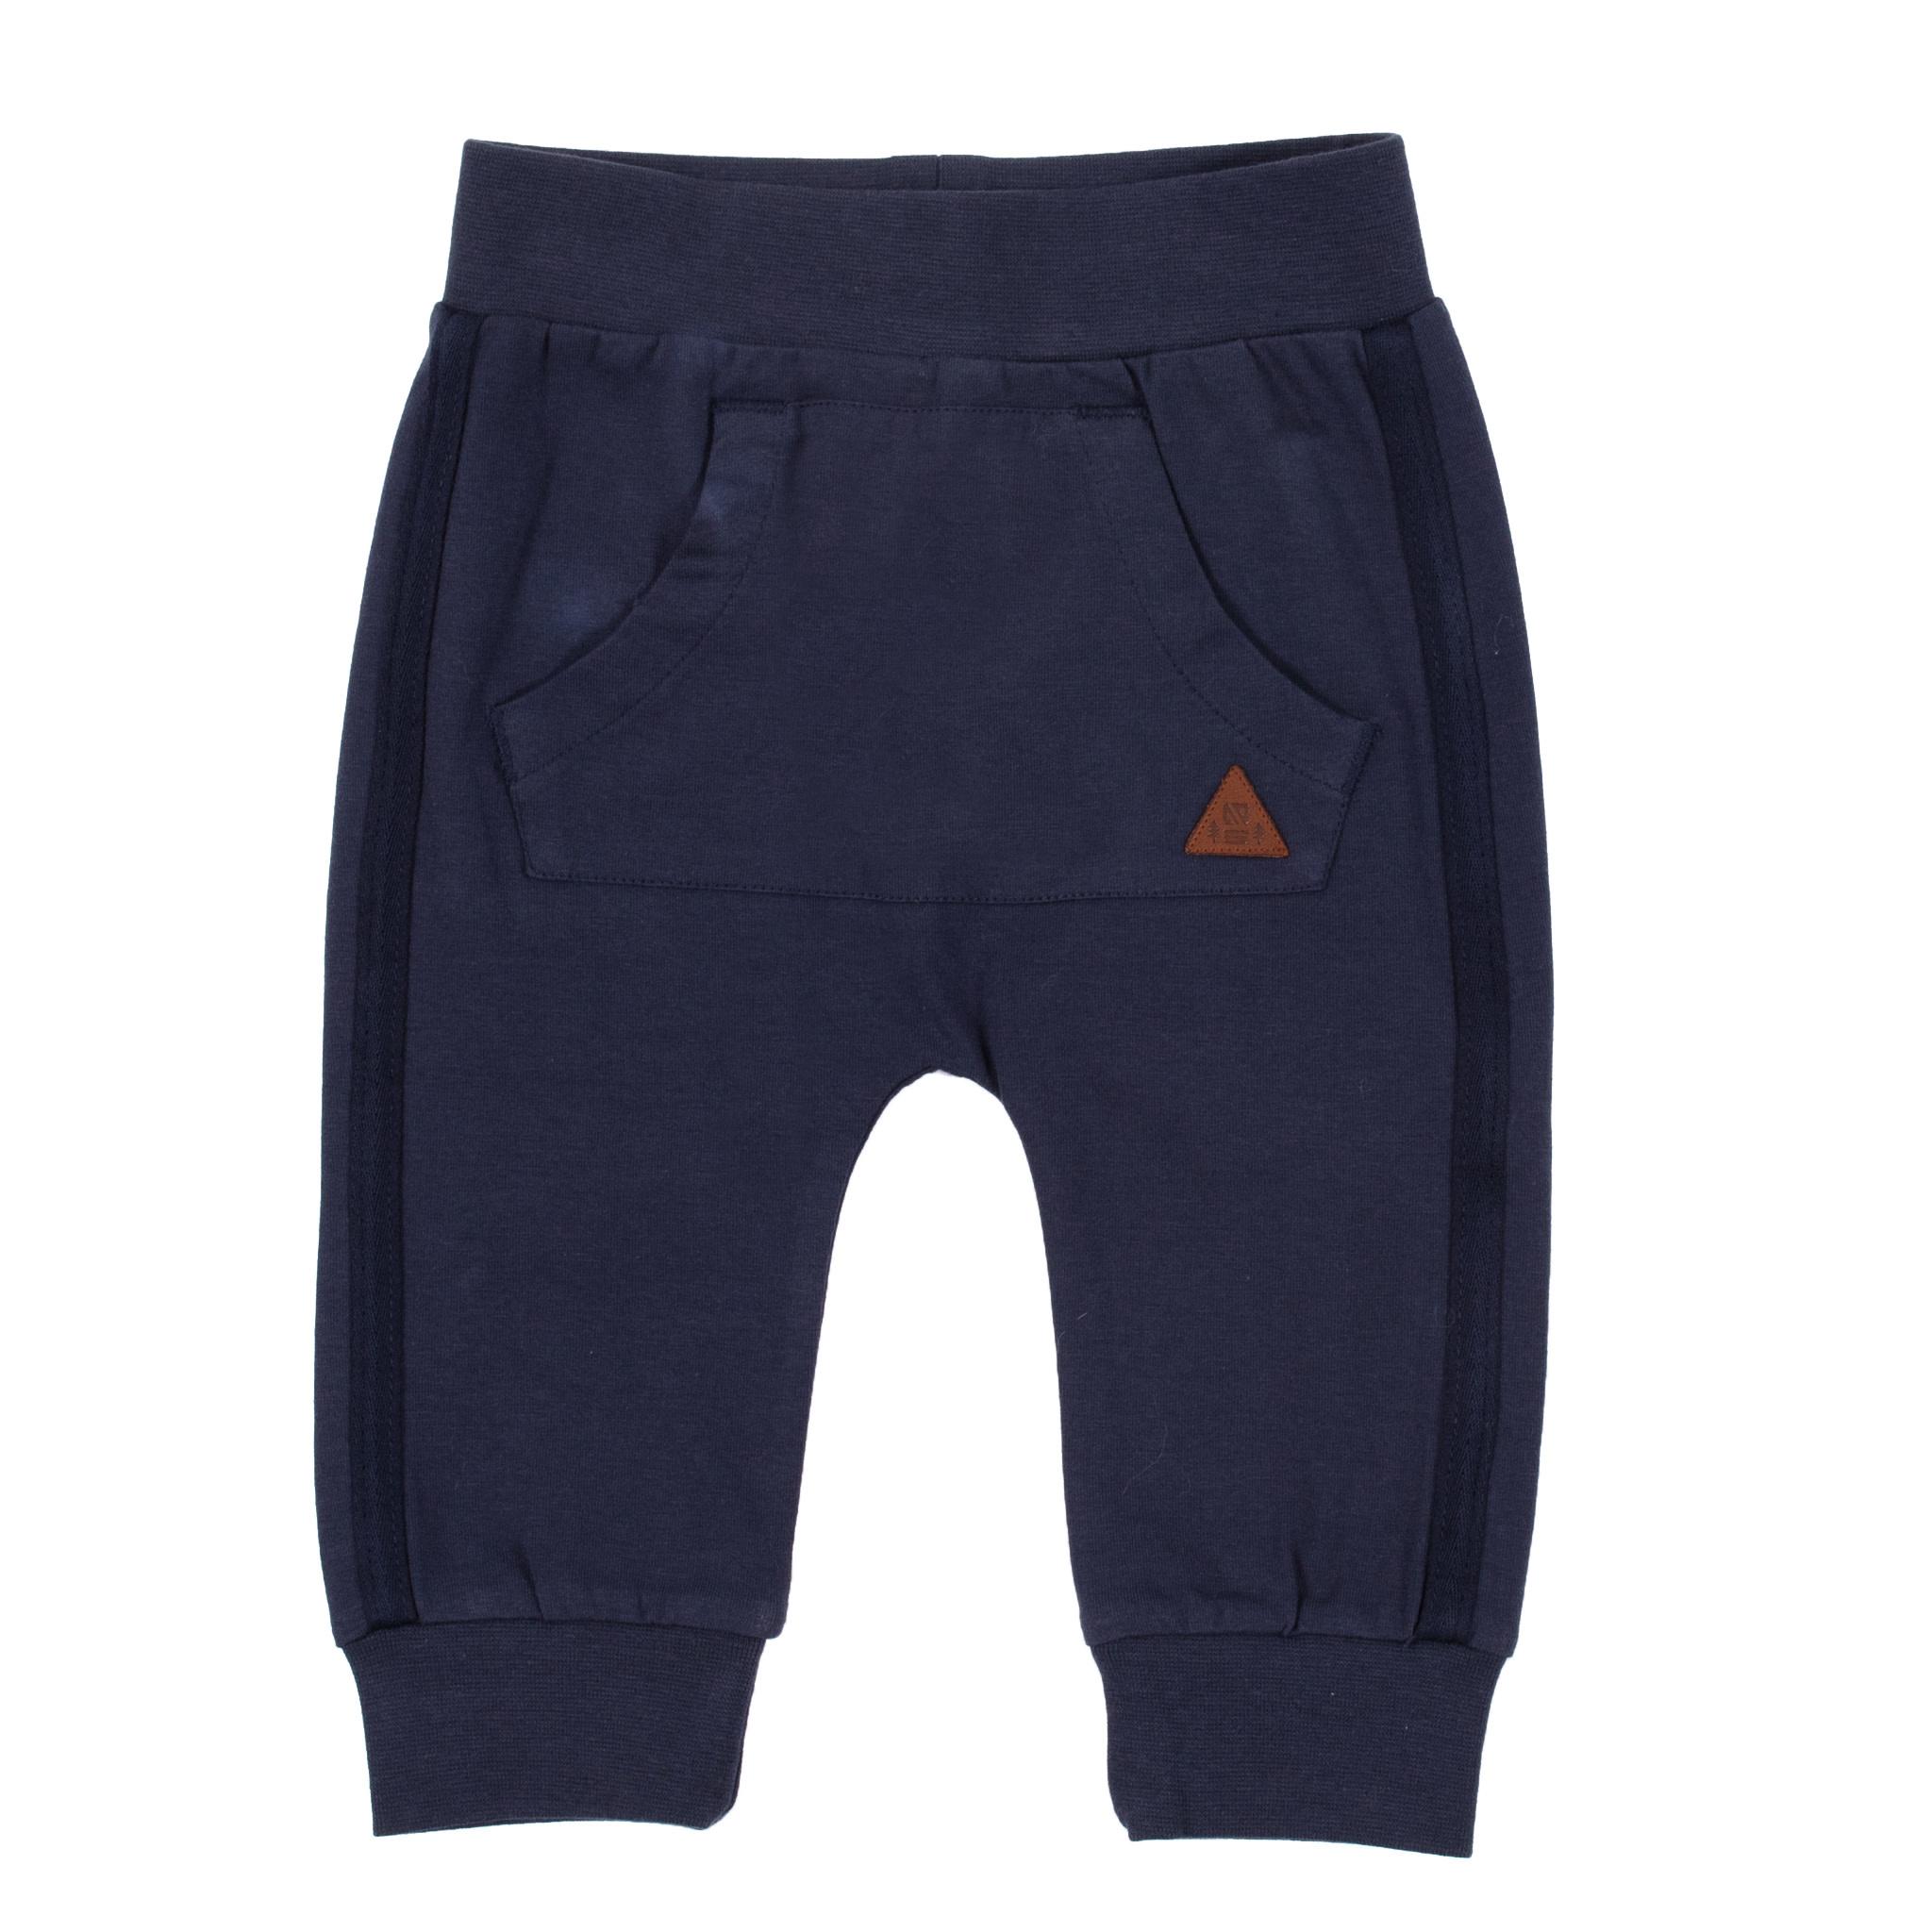 Pantalon de jogging collection Pente École-1